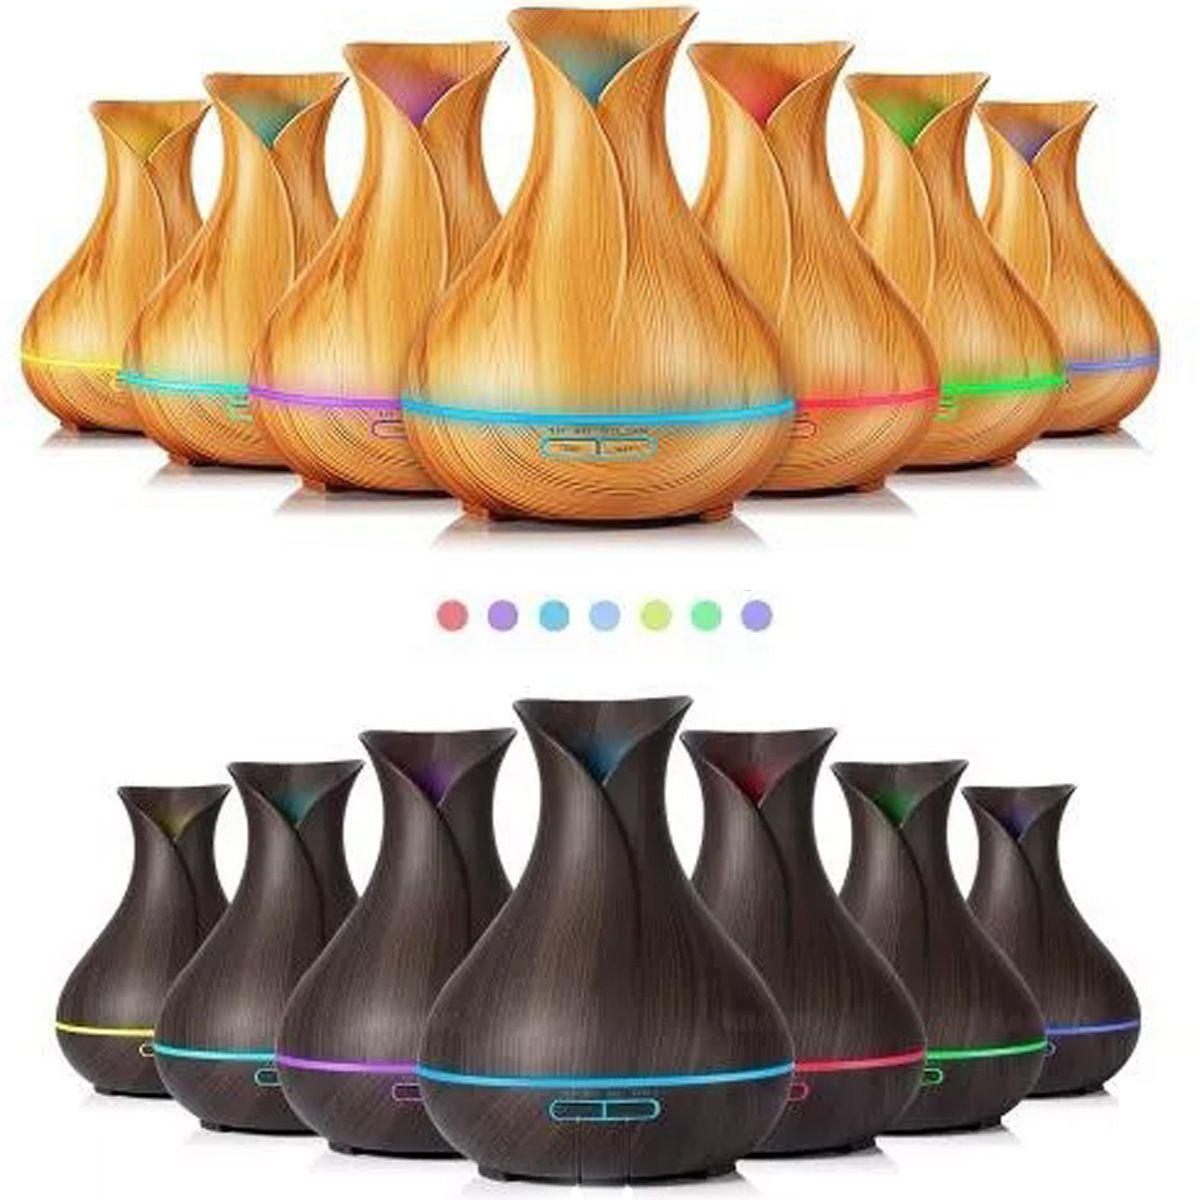 Aromatizador Umidificador Difusor De Aromas Elétrico luminária LED A - RPC-COMMERCE